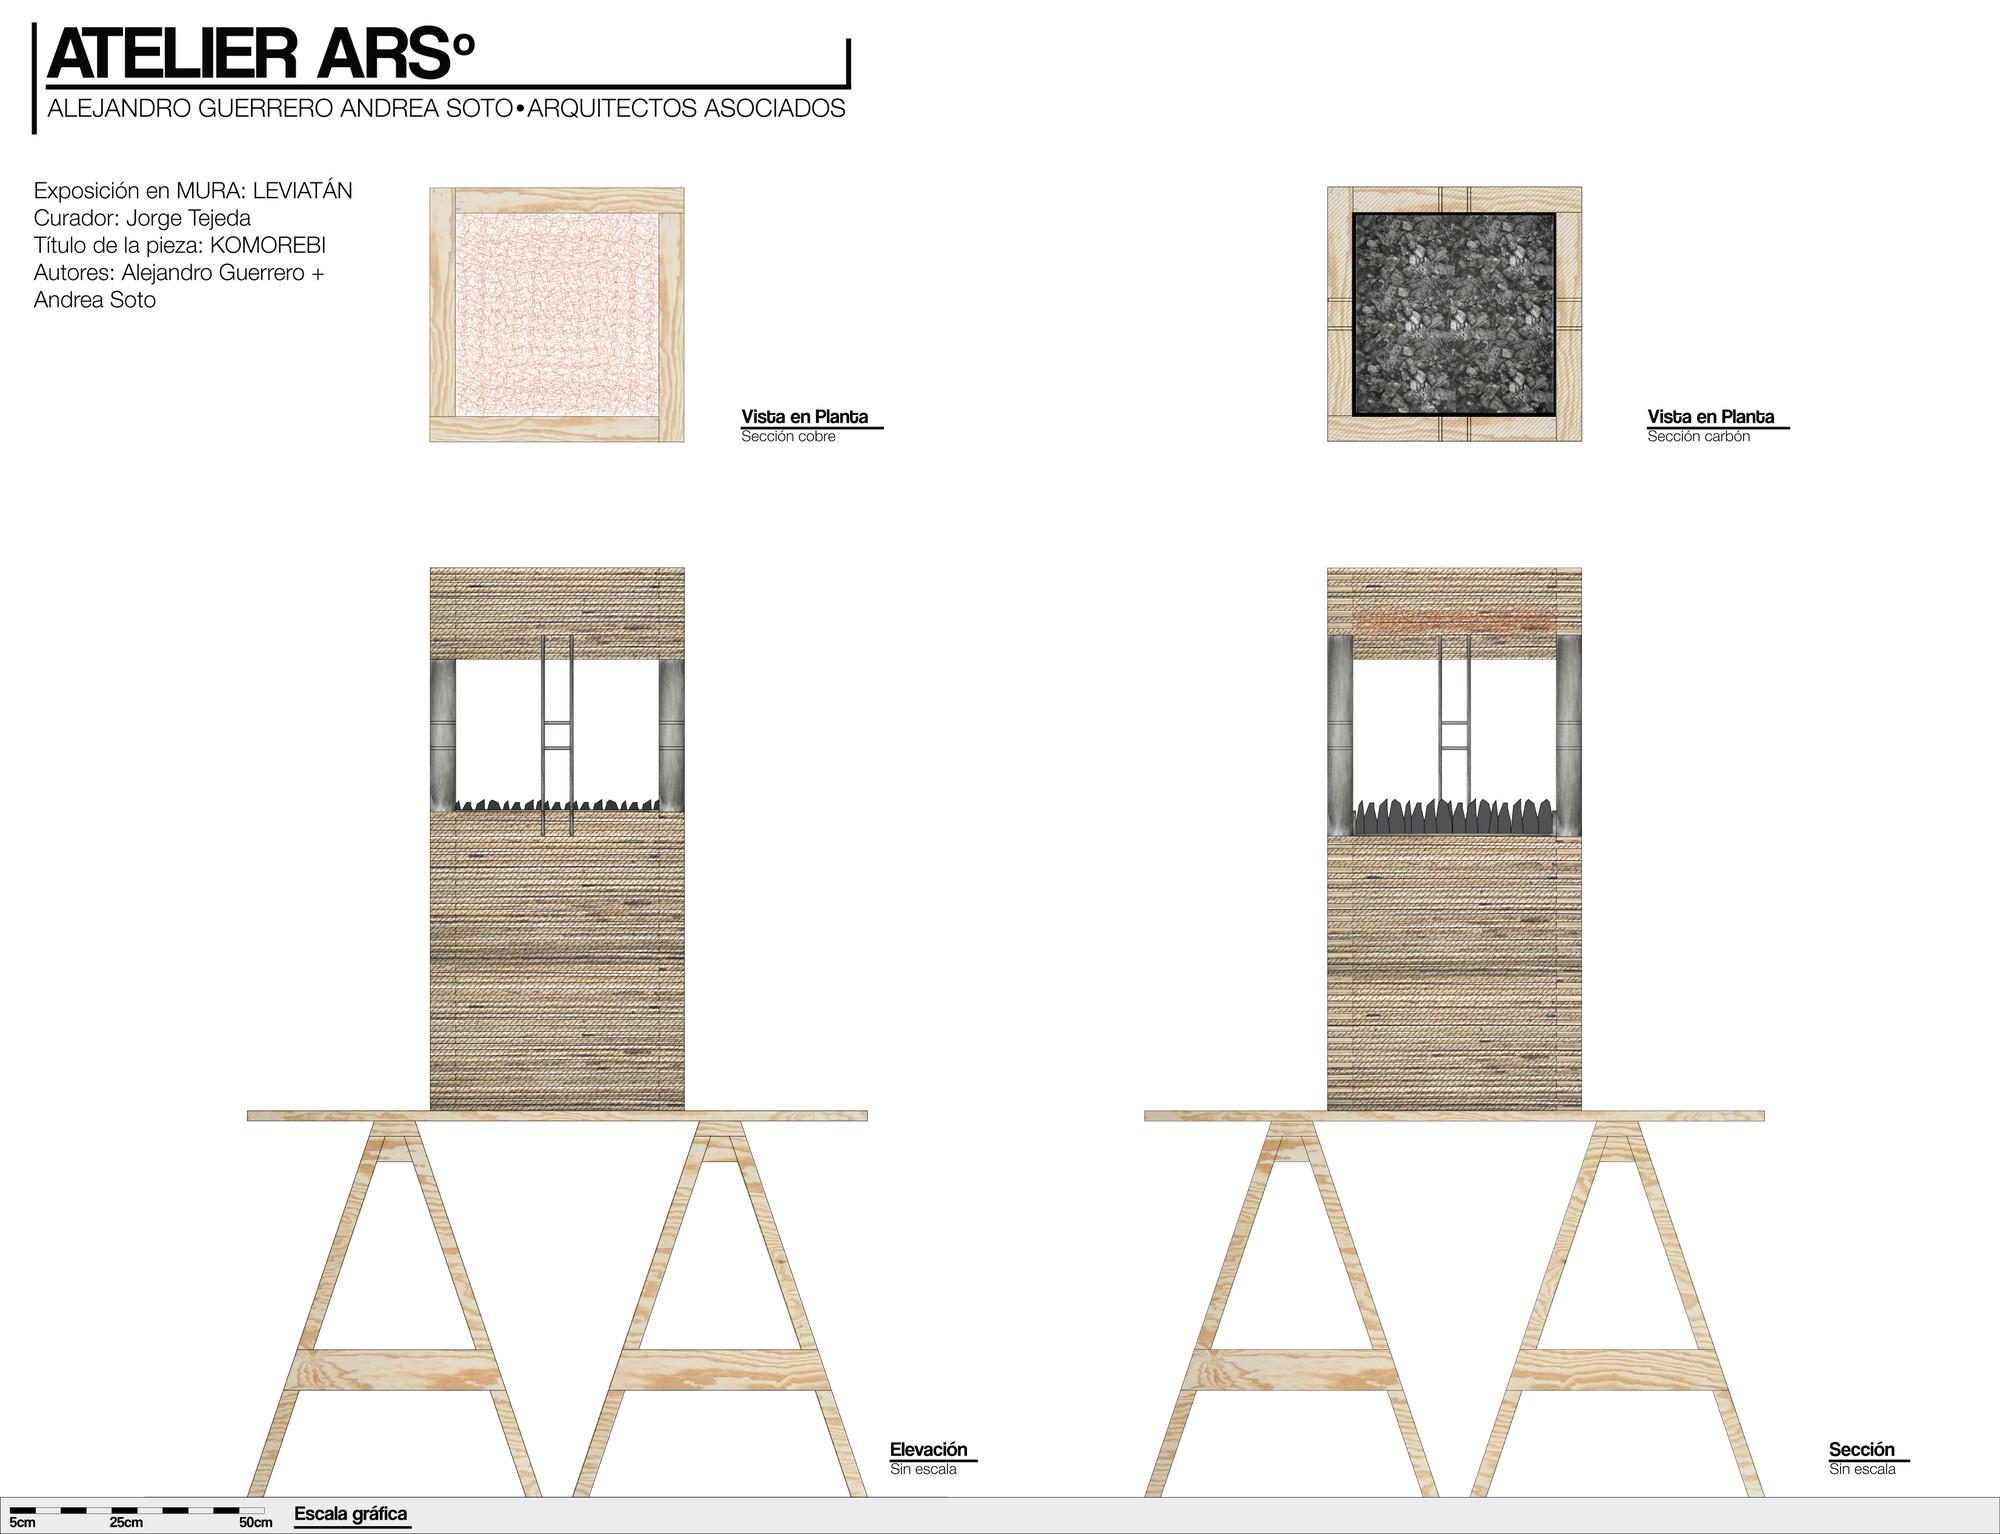 Cortesía ARS° Atelier de Arquitecturas